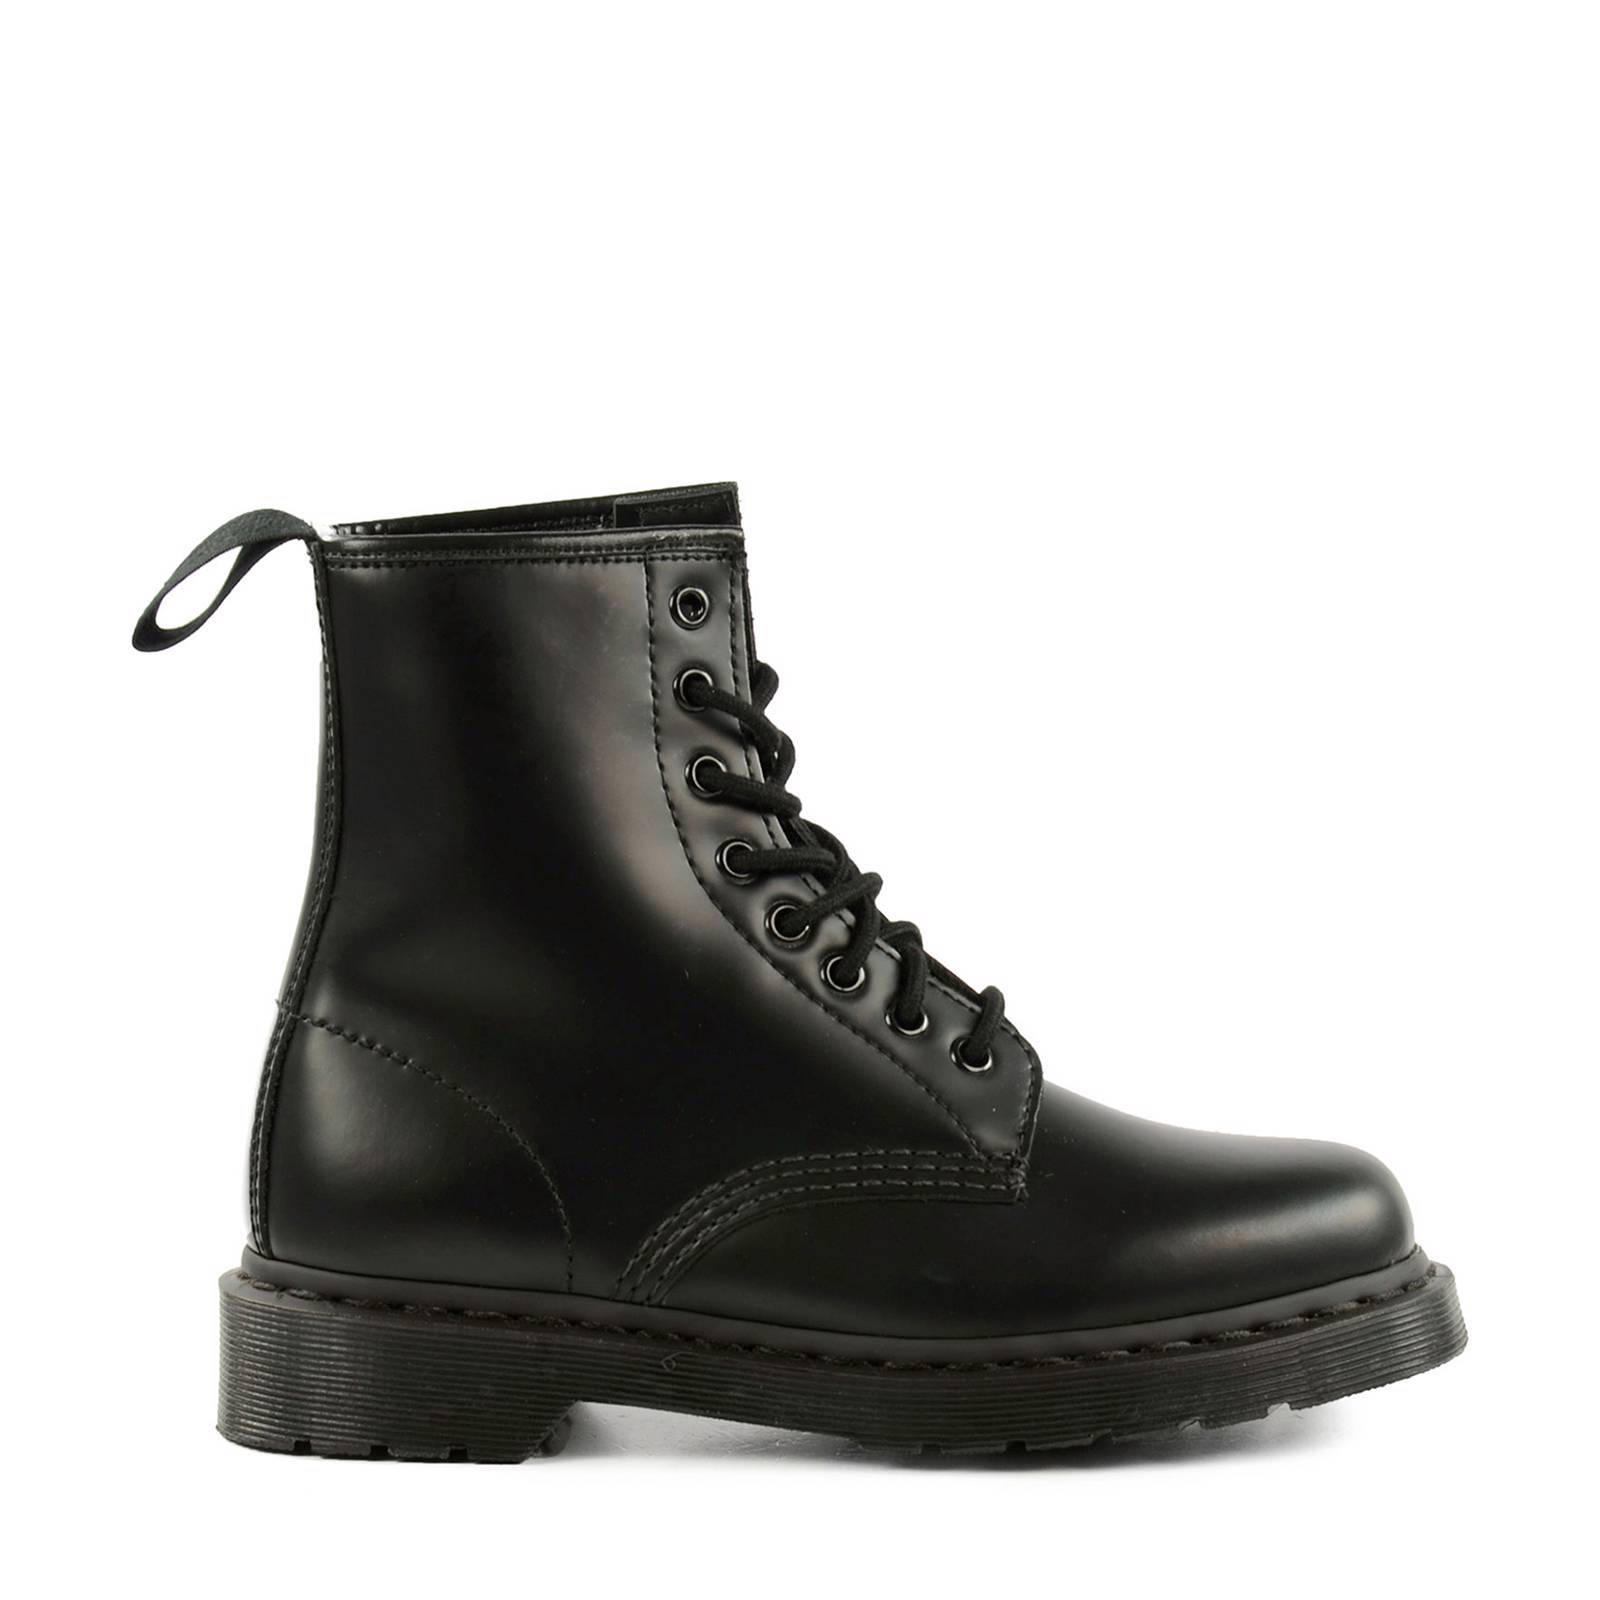 Dr Noir. Martens Chaussures Avec Des Nez Ronds Avec Des Dames Lacer 2dxUxim